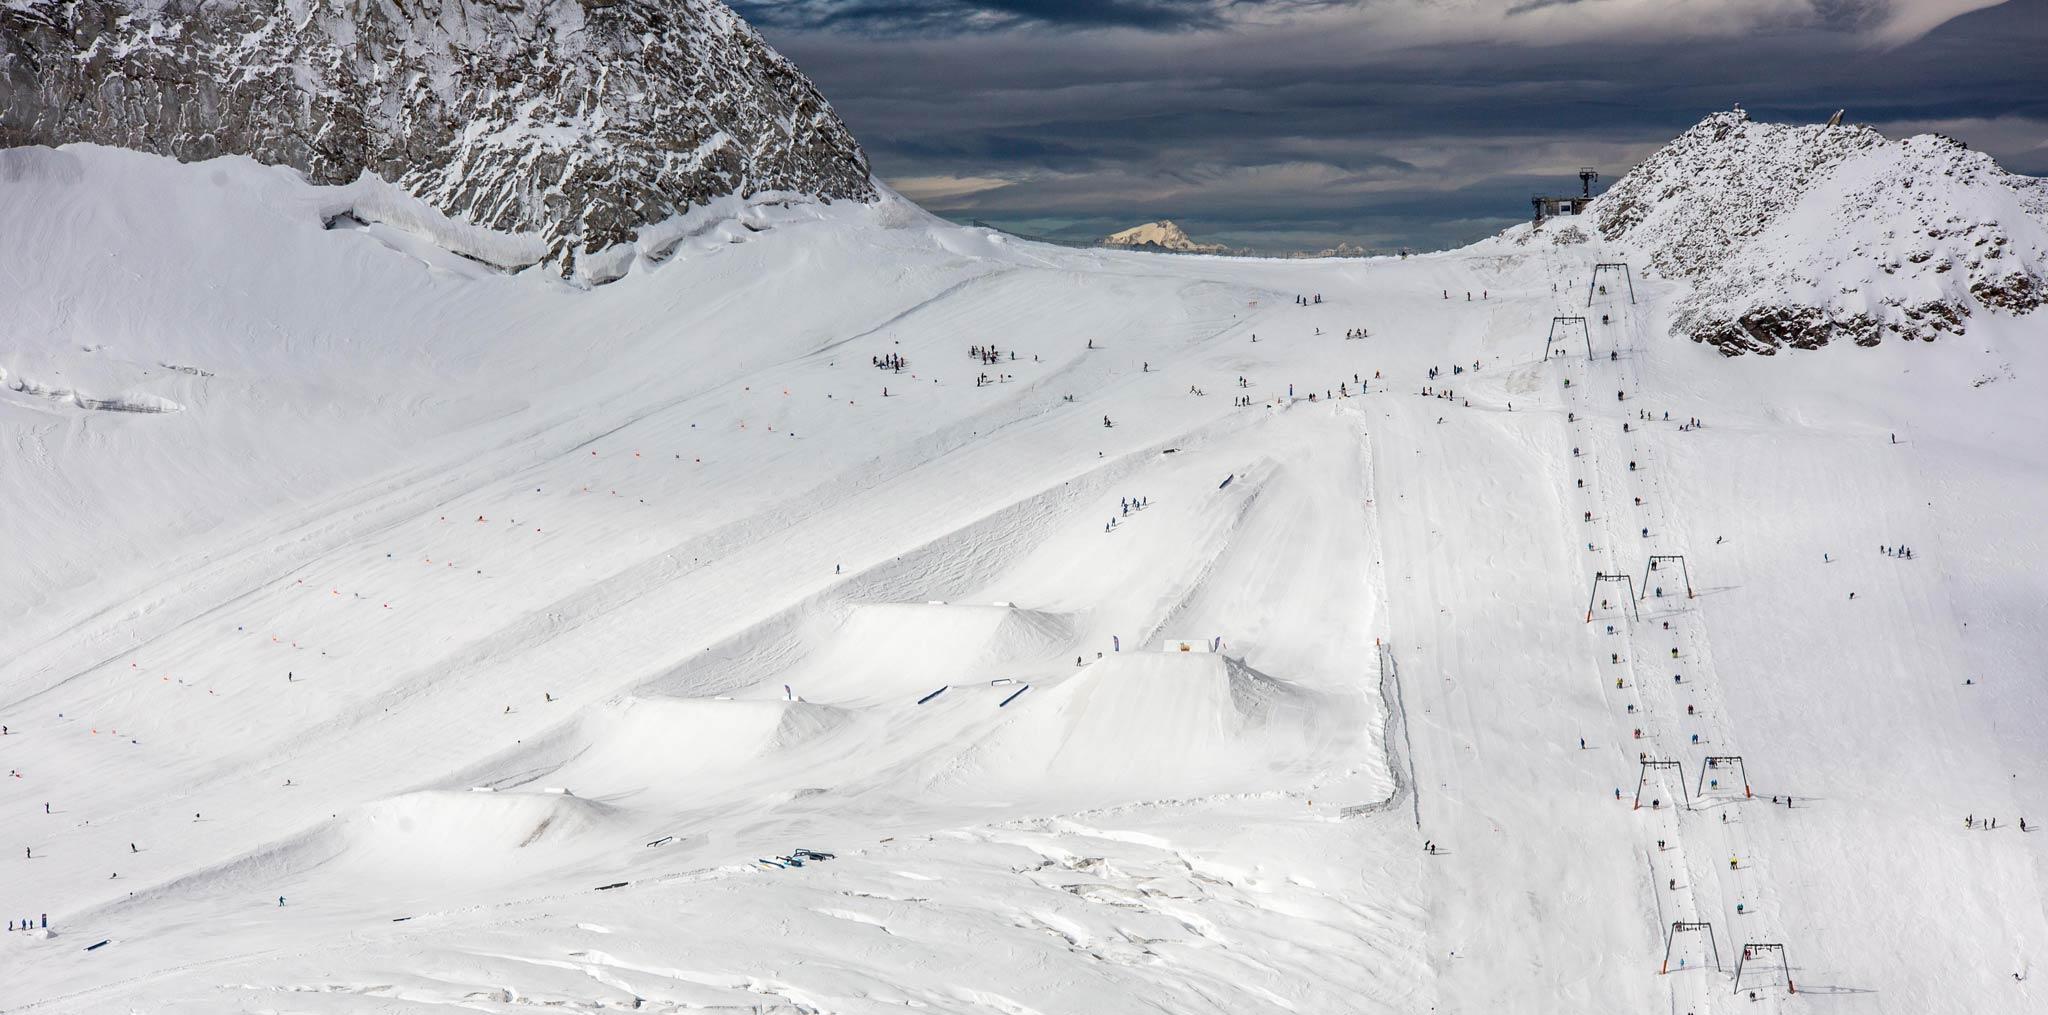 Der betterpark Hintertux in der Übersicht - Foto: MonEpic